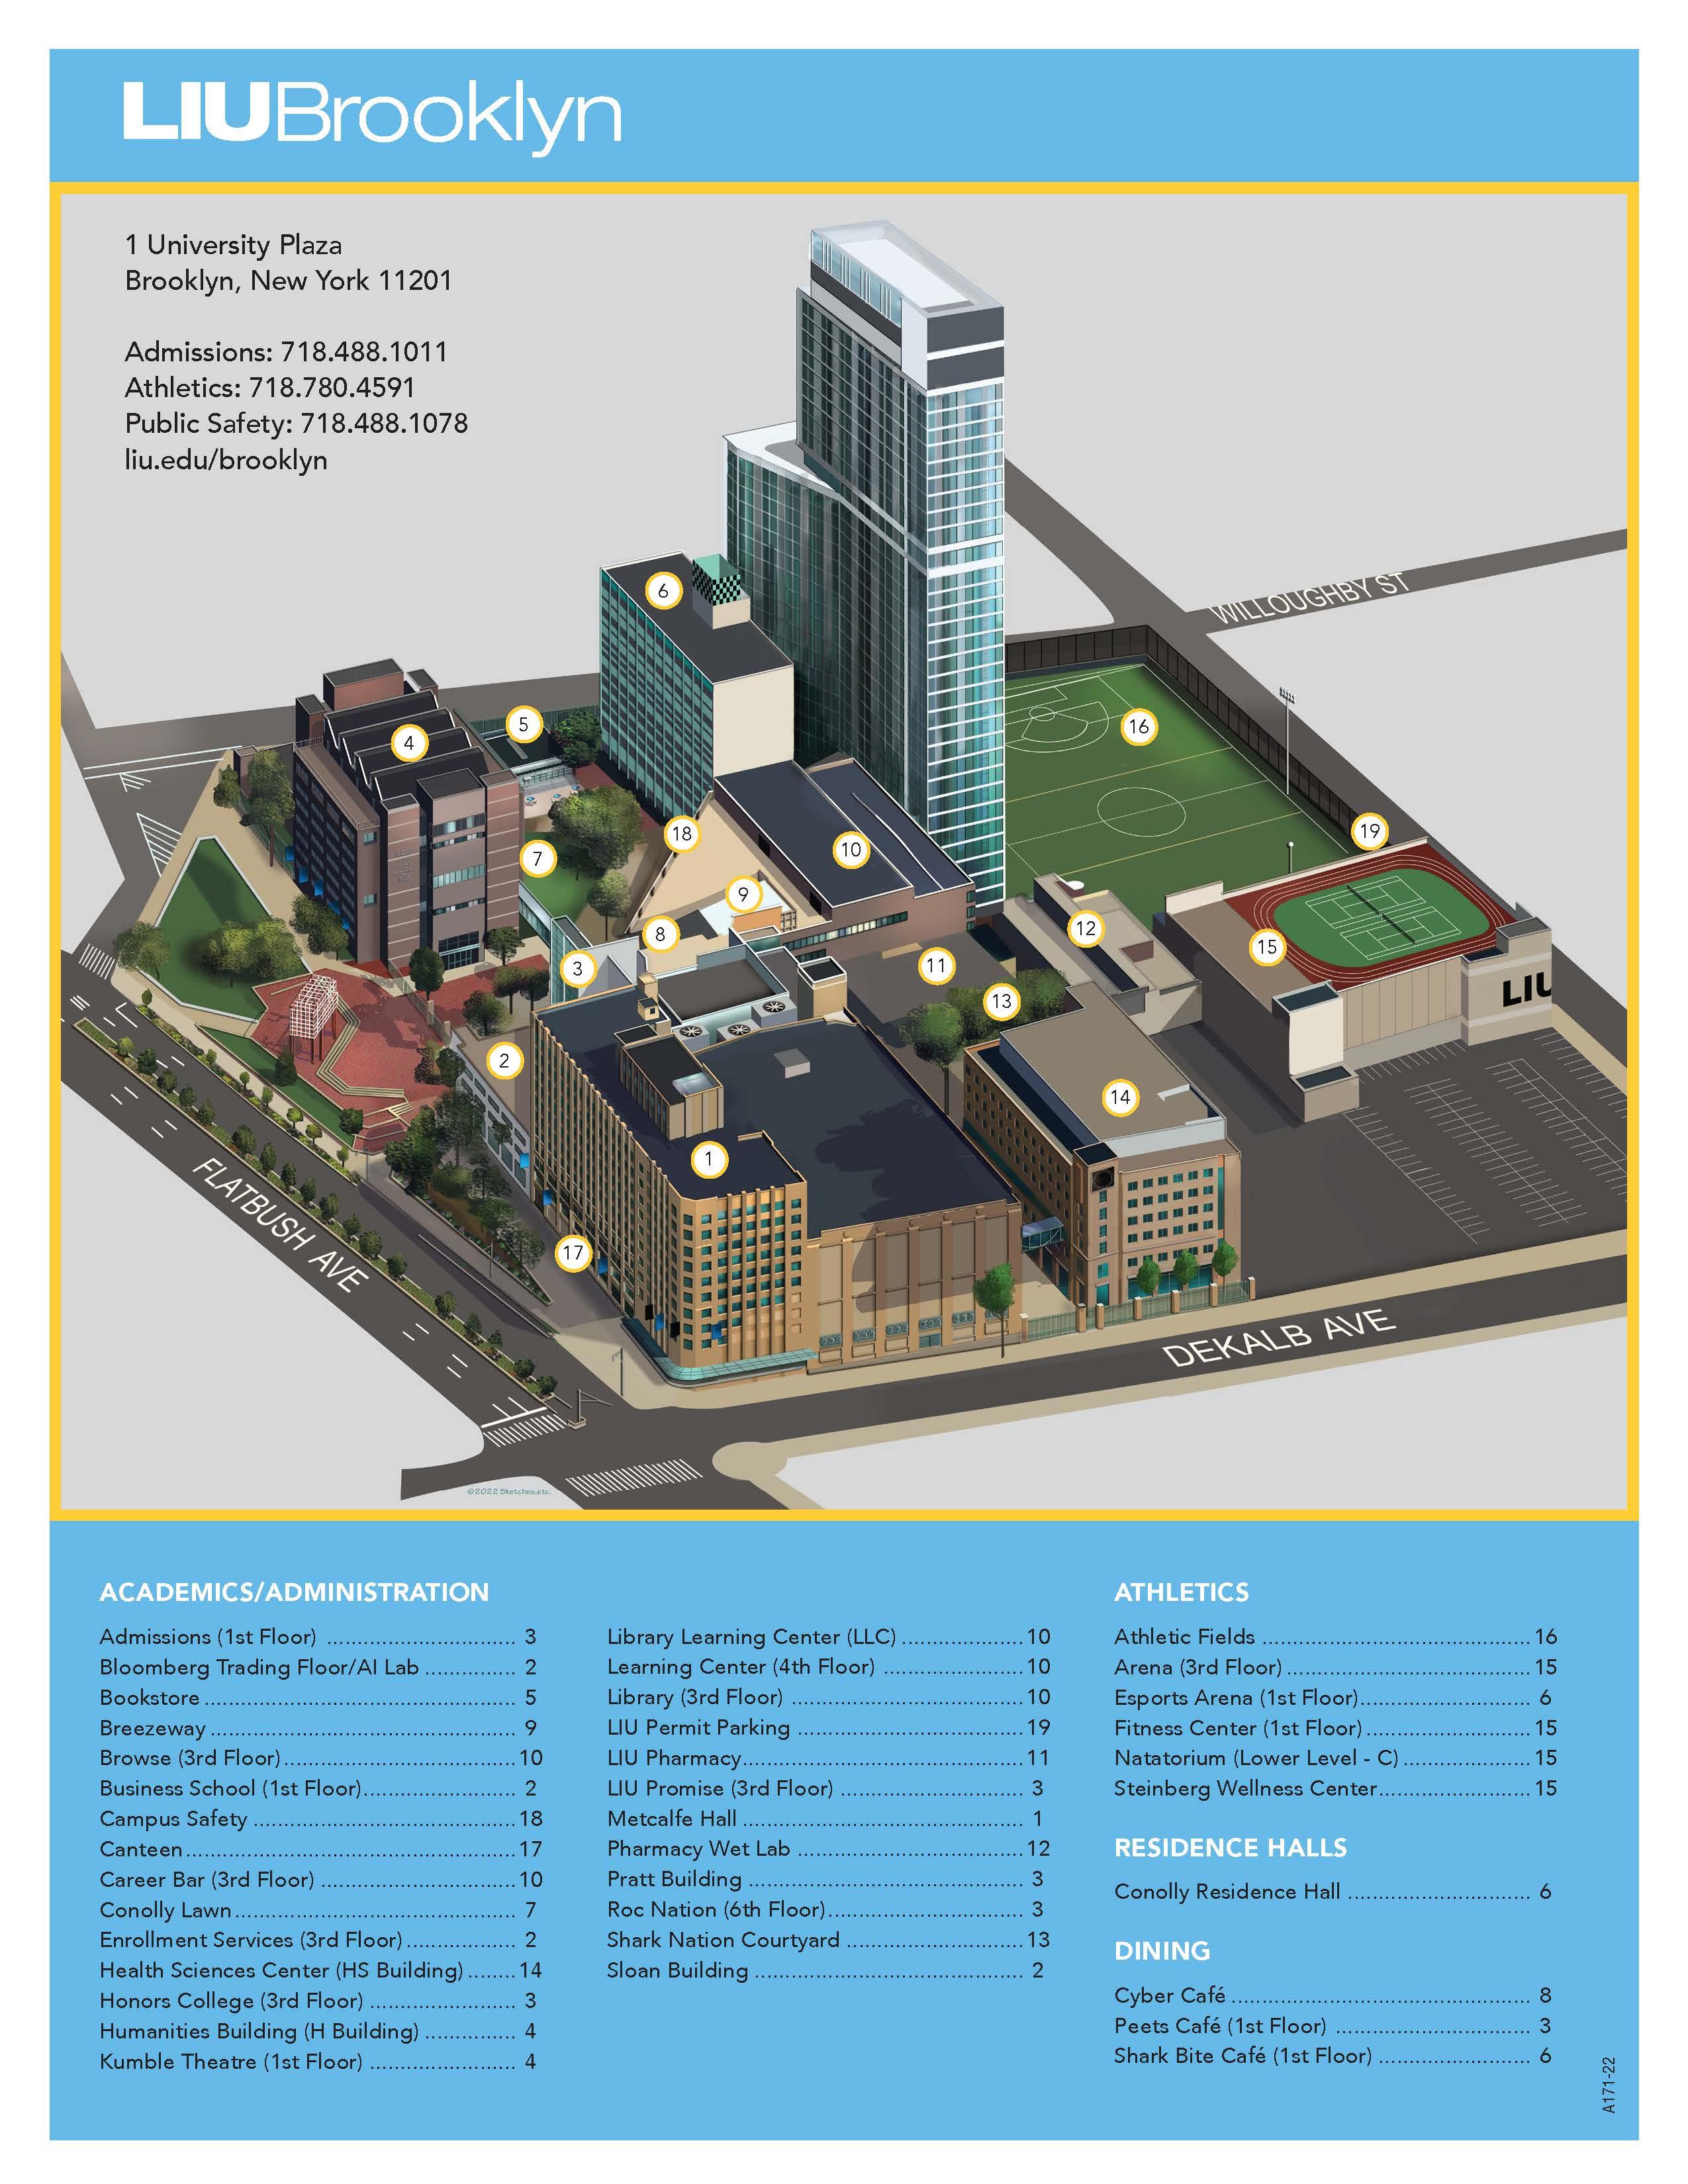 Brooklyn College Campus Map Campus Map | LIU Brooklyn College Campus Map